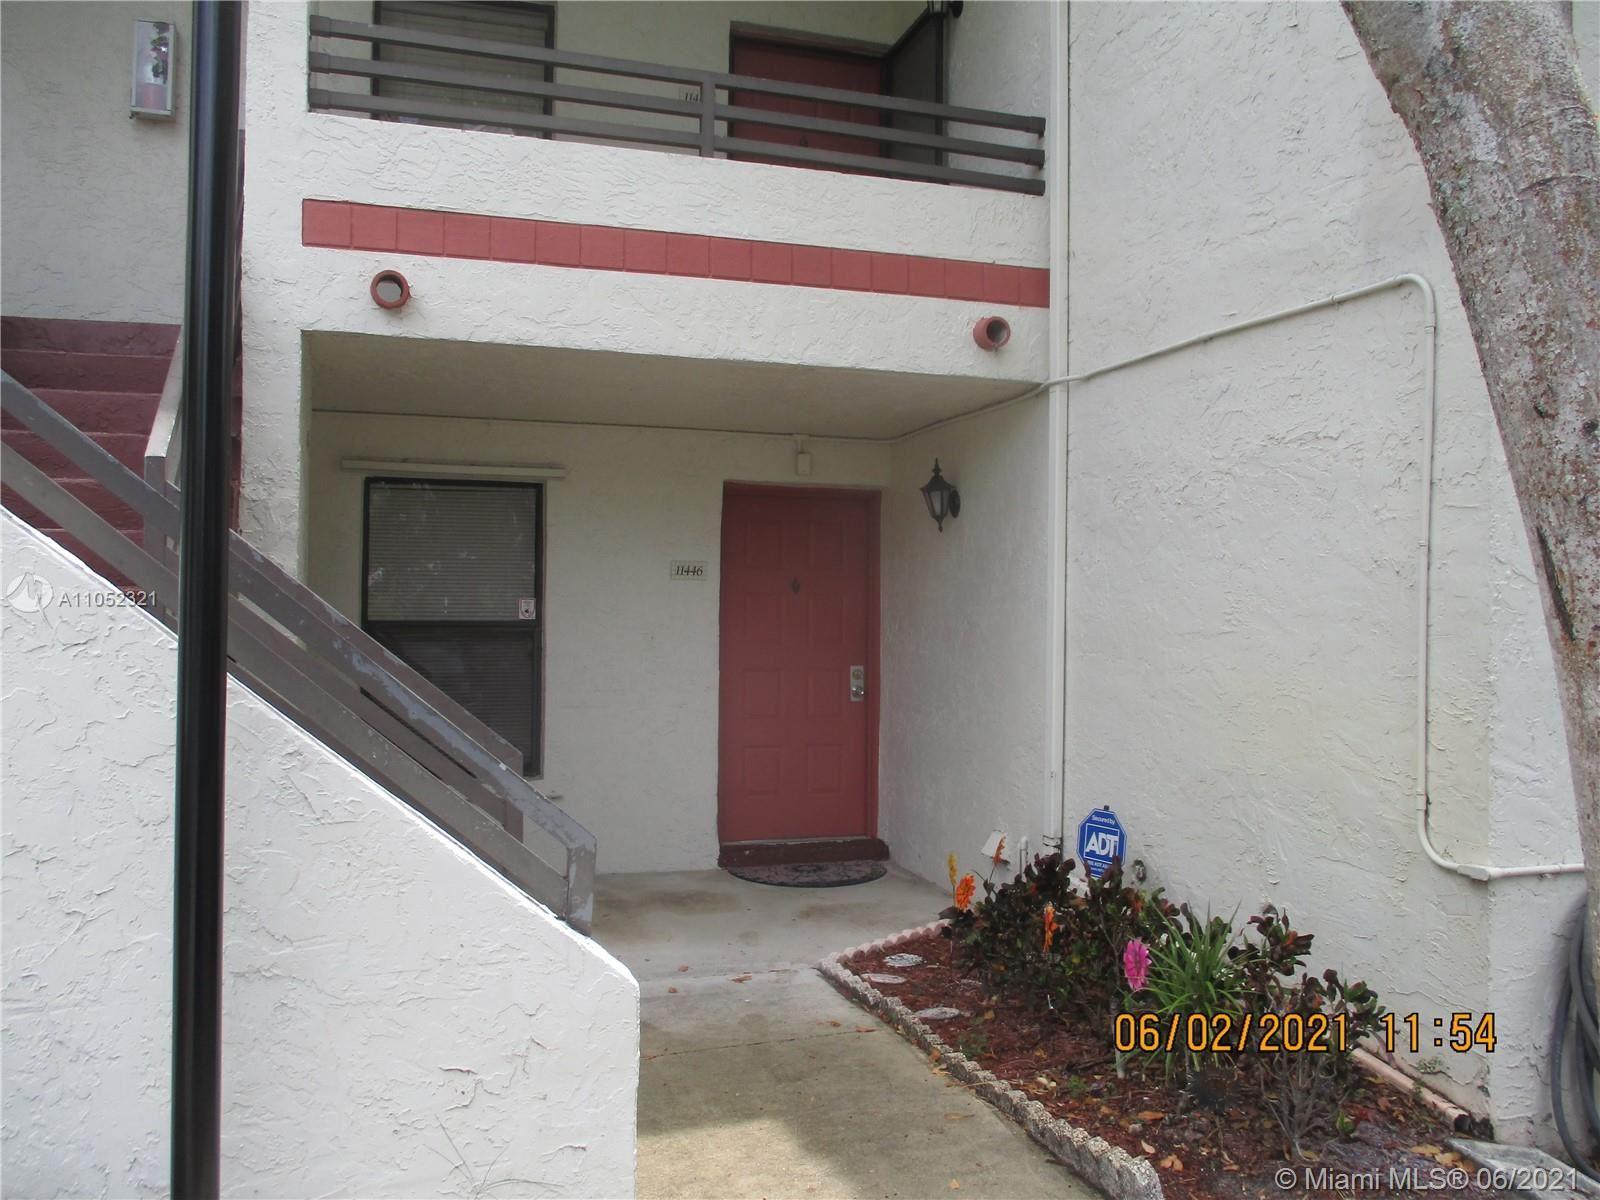 11446 NW 10th St #11446, Pembroke Pines, FL 33026 - #: A11052321